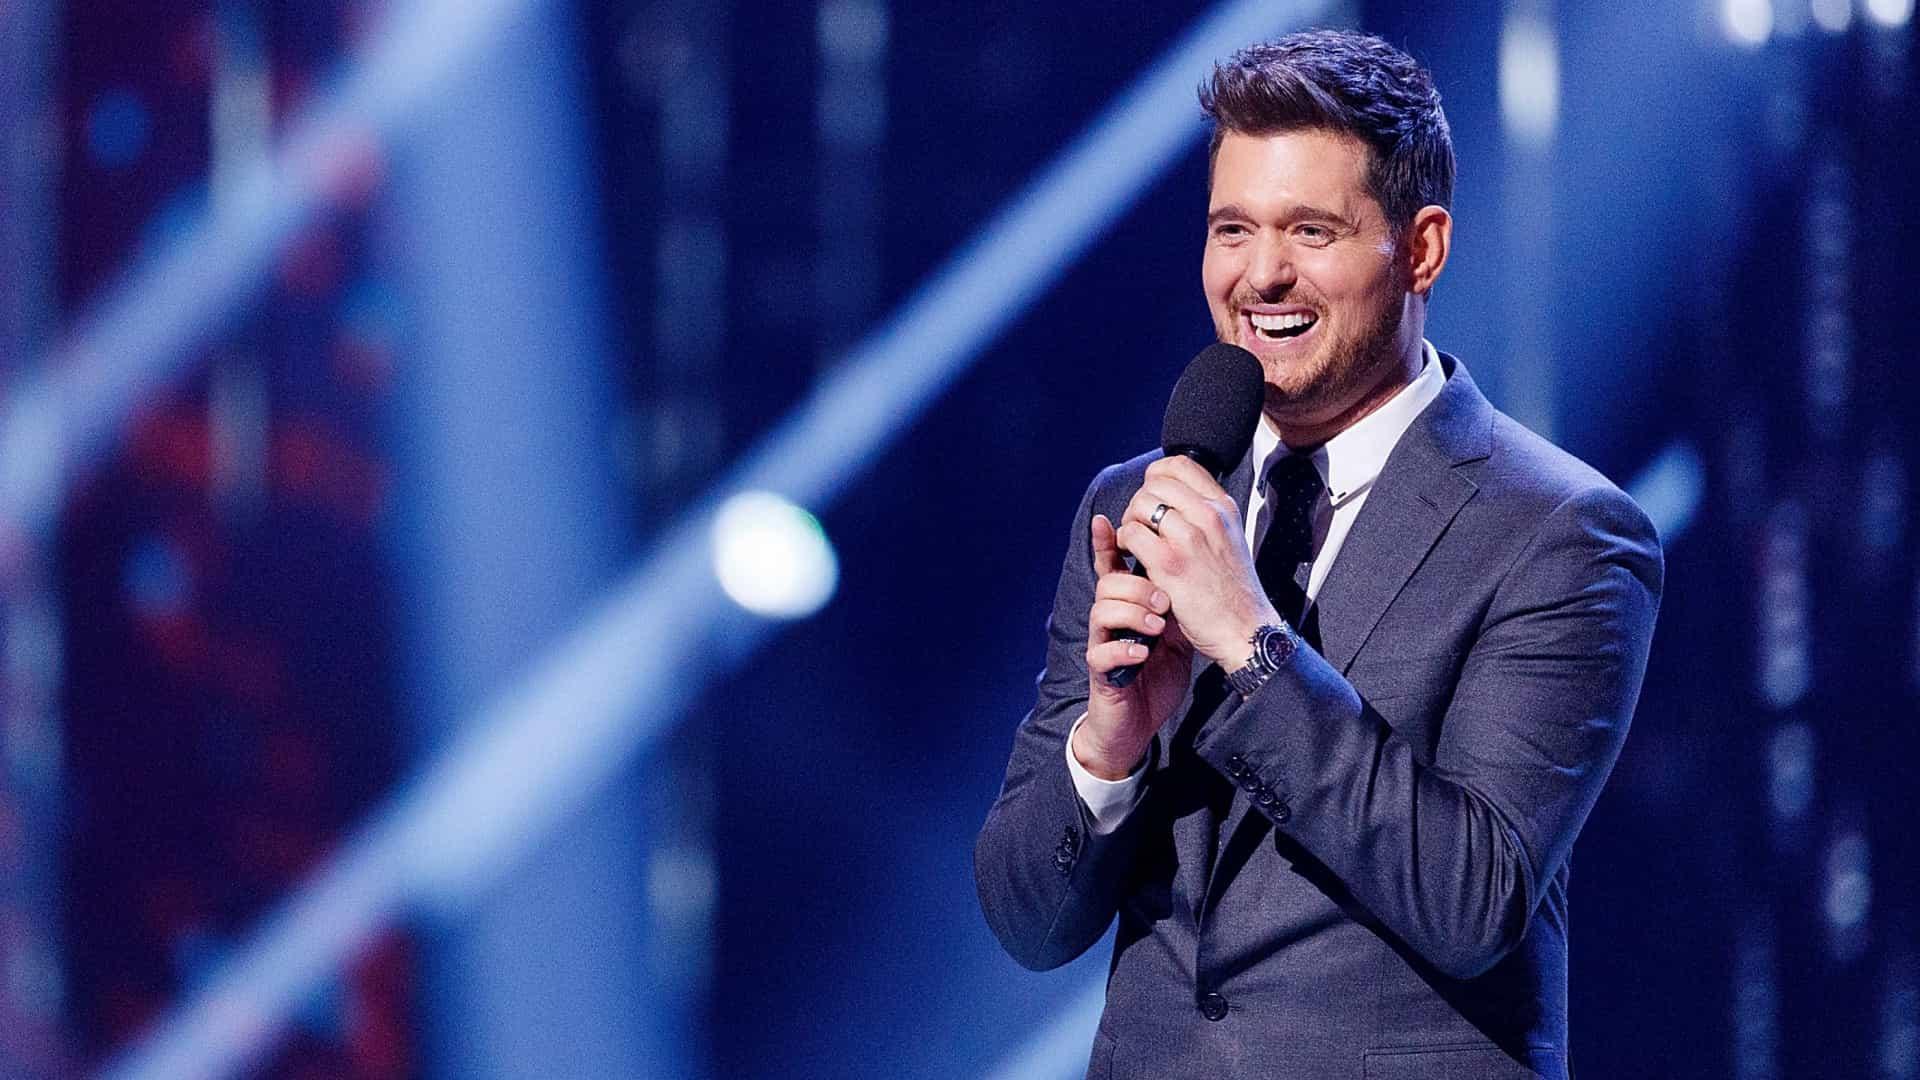 A versão de 'Sway' do canadense Michael Bublé faz sucesso no mundo inteiro.